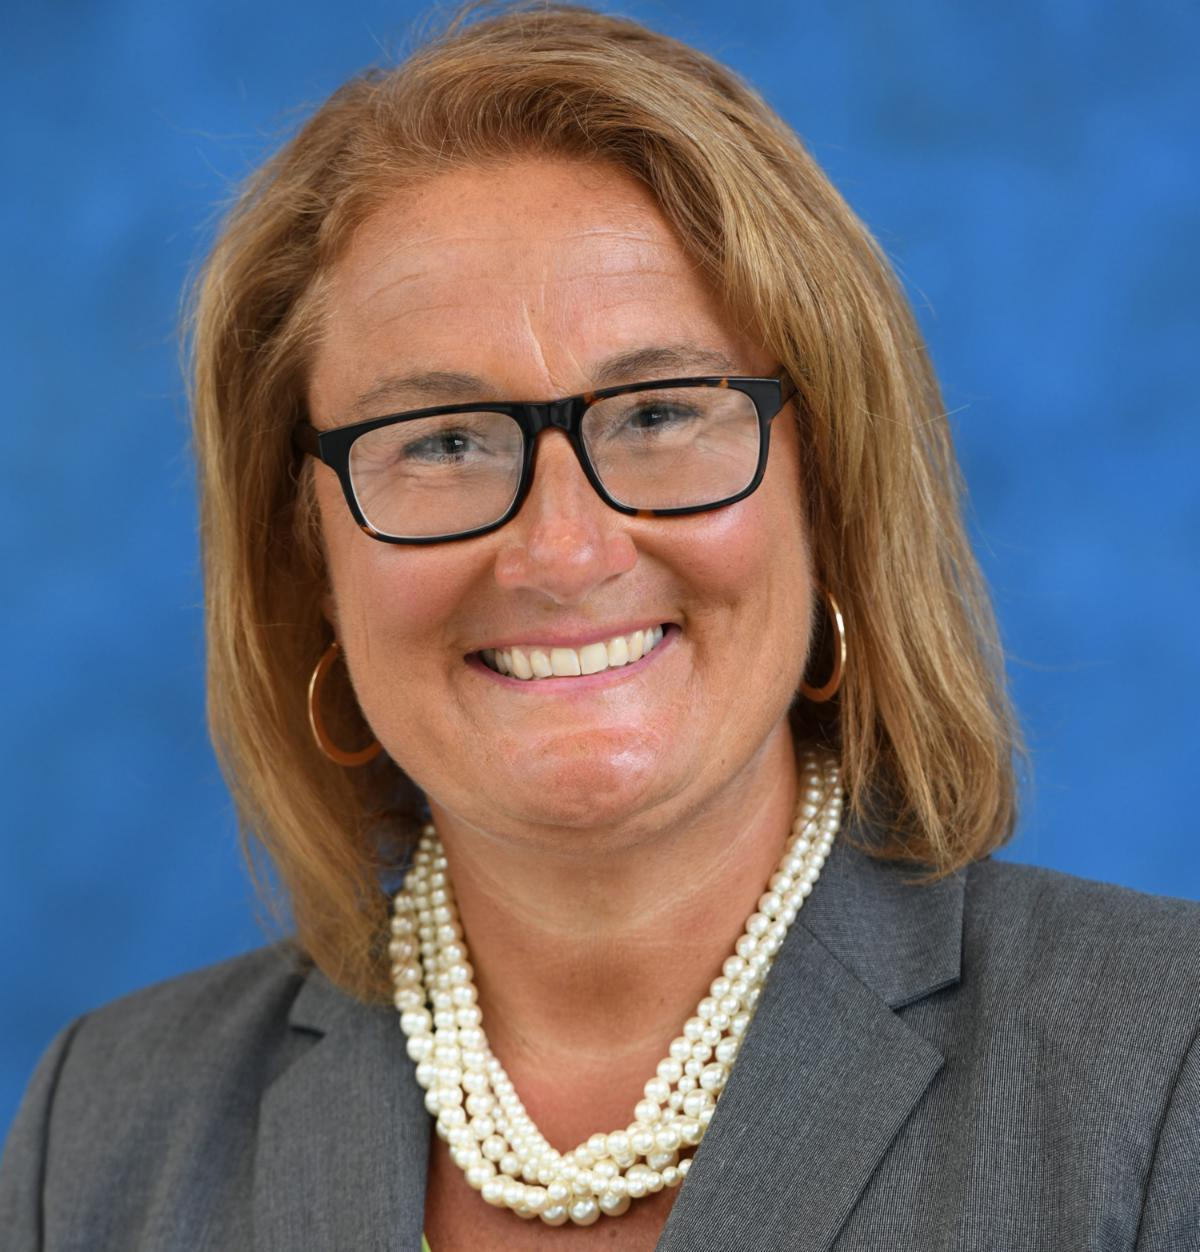 Rachel Murat_ 2020 Teacher of the Year